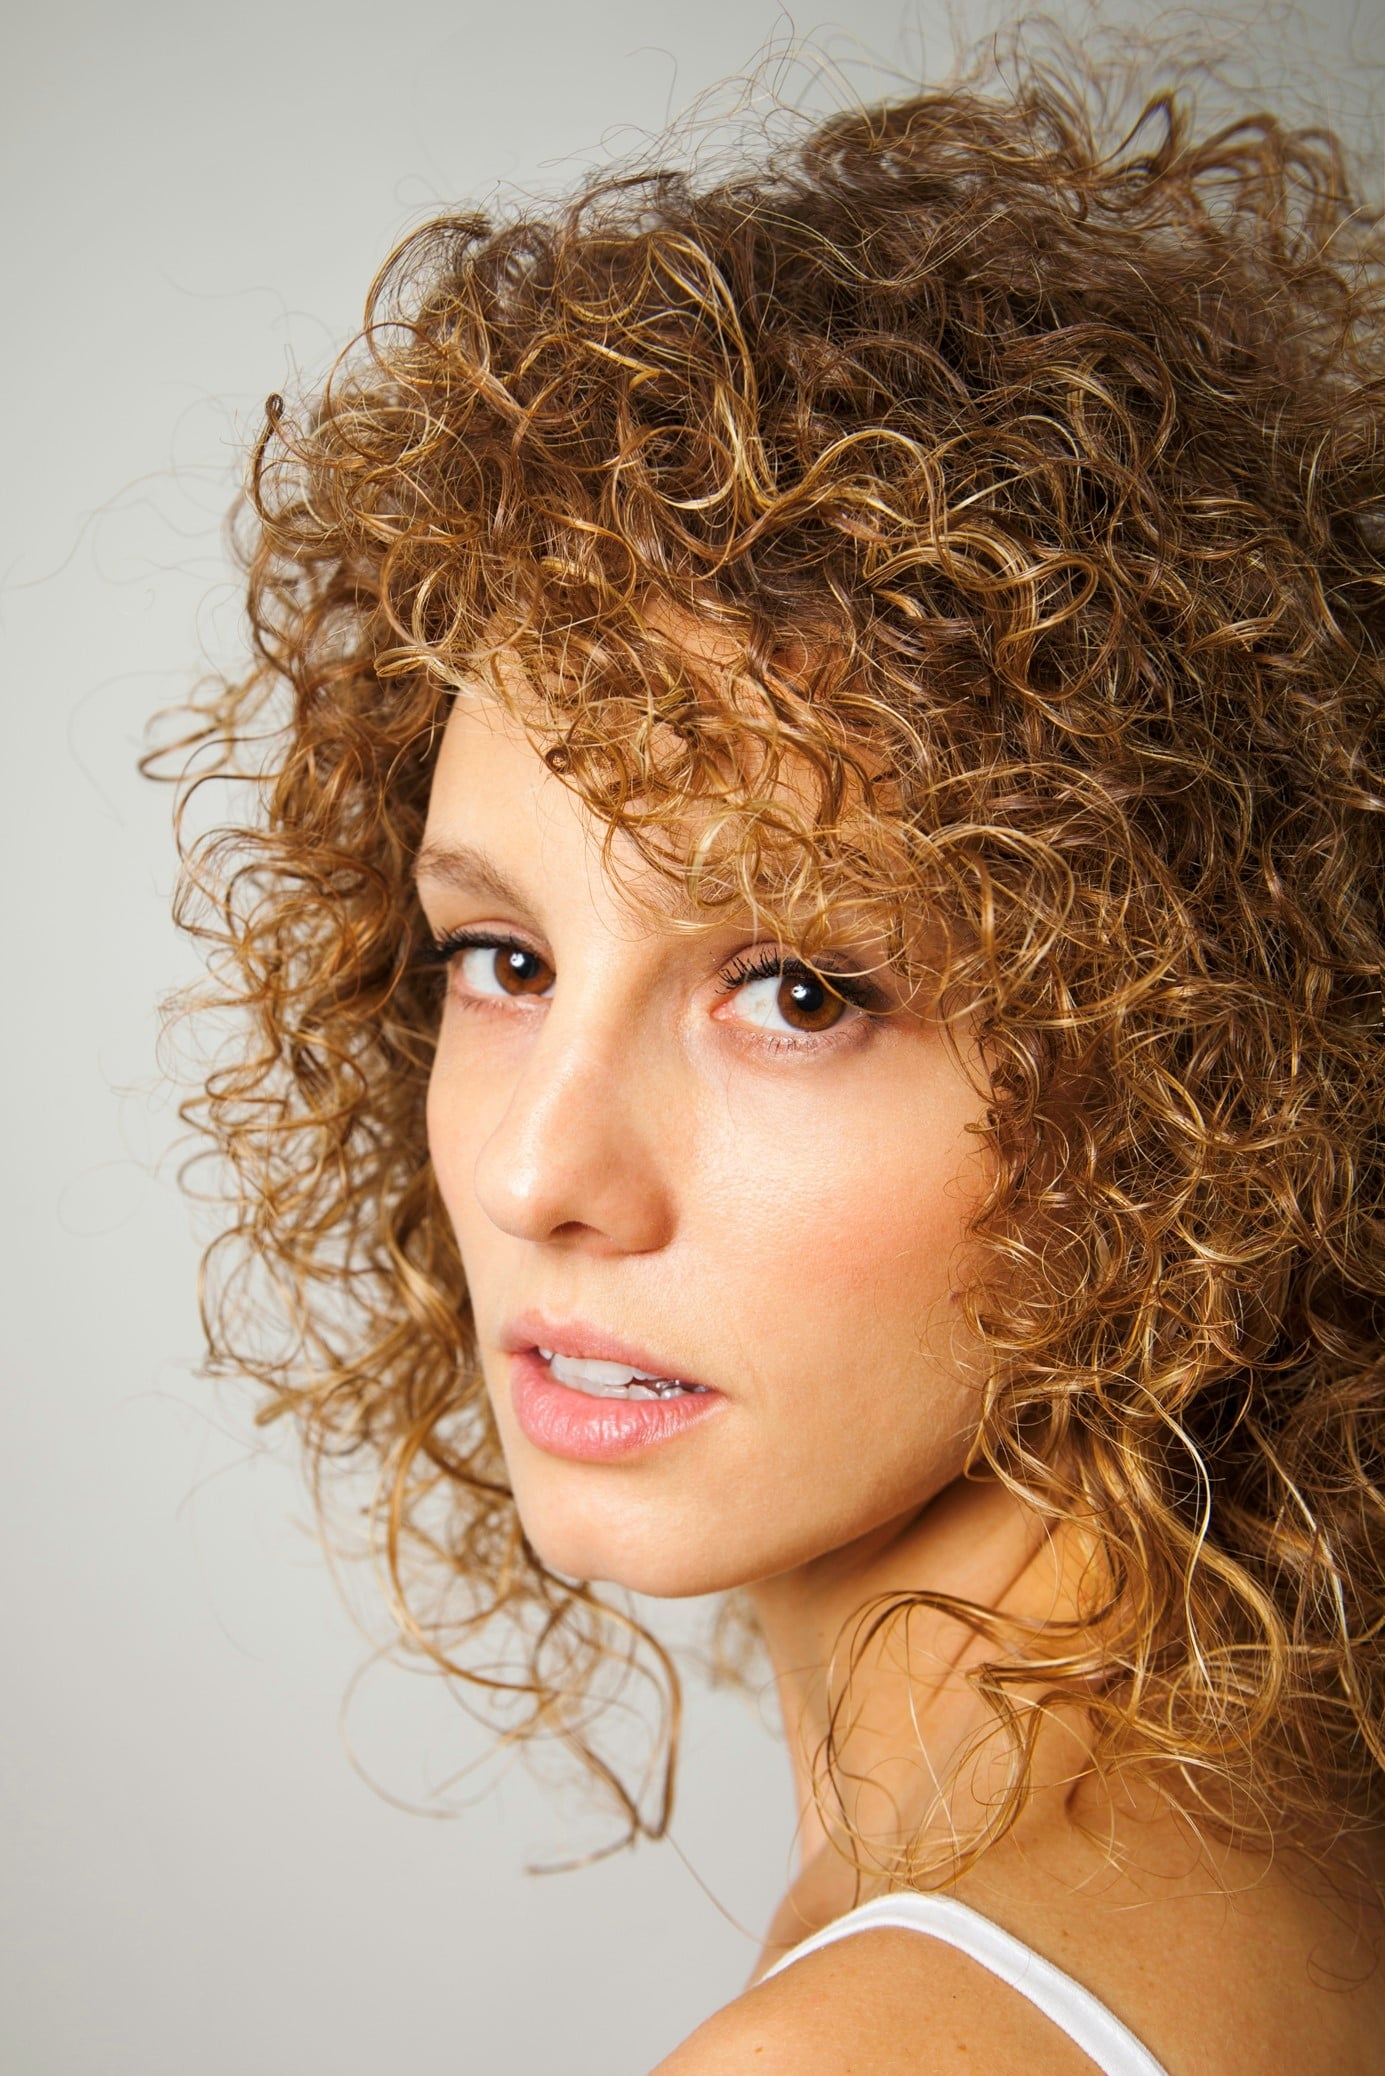 Esther Acebo